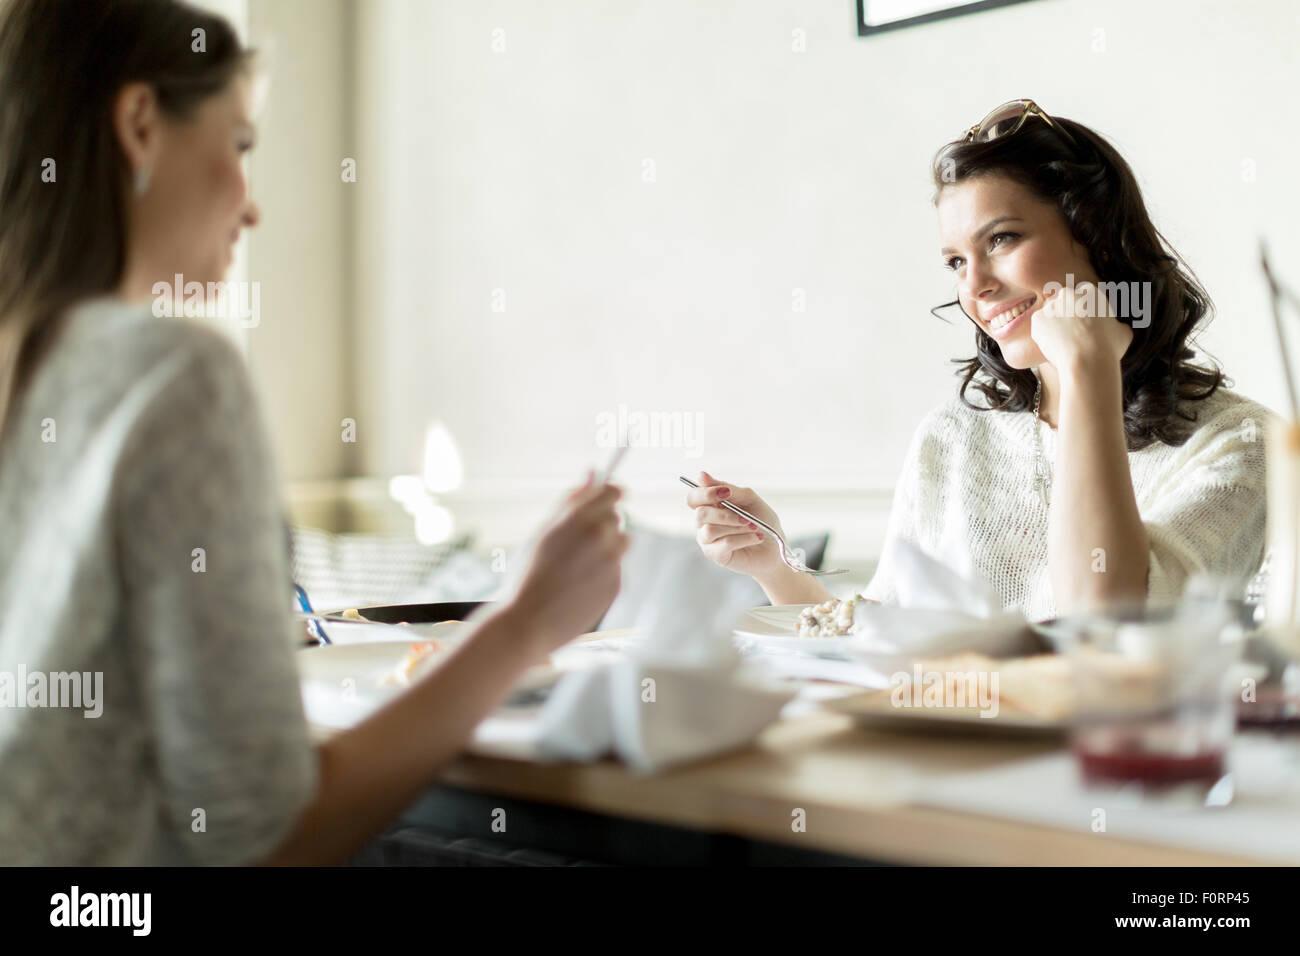 Deux gorgeaus mesdames manger dans un restaurant tout en ayant une conversation Photo Stock